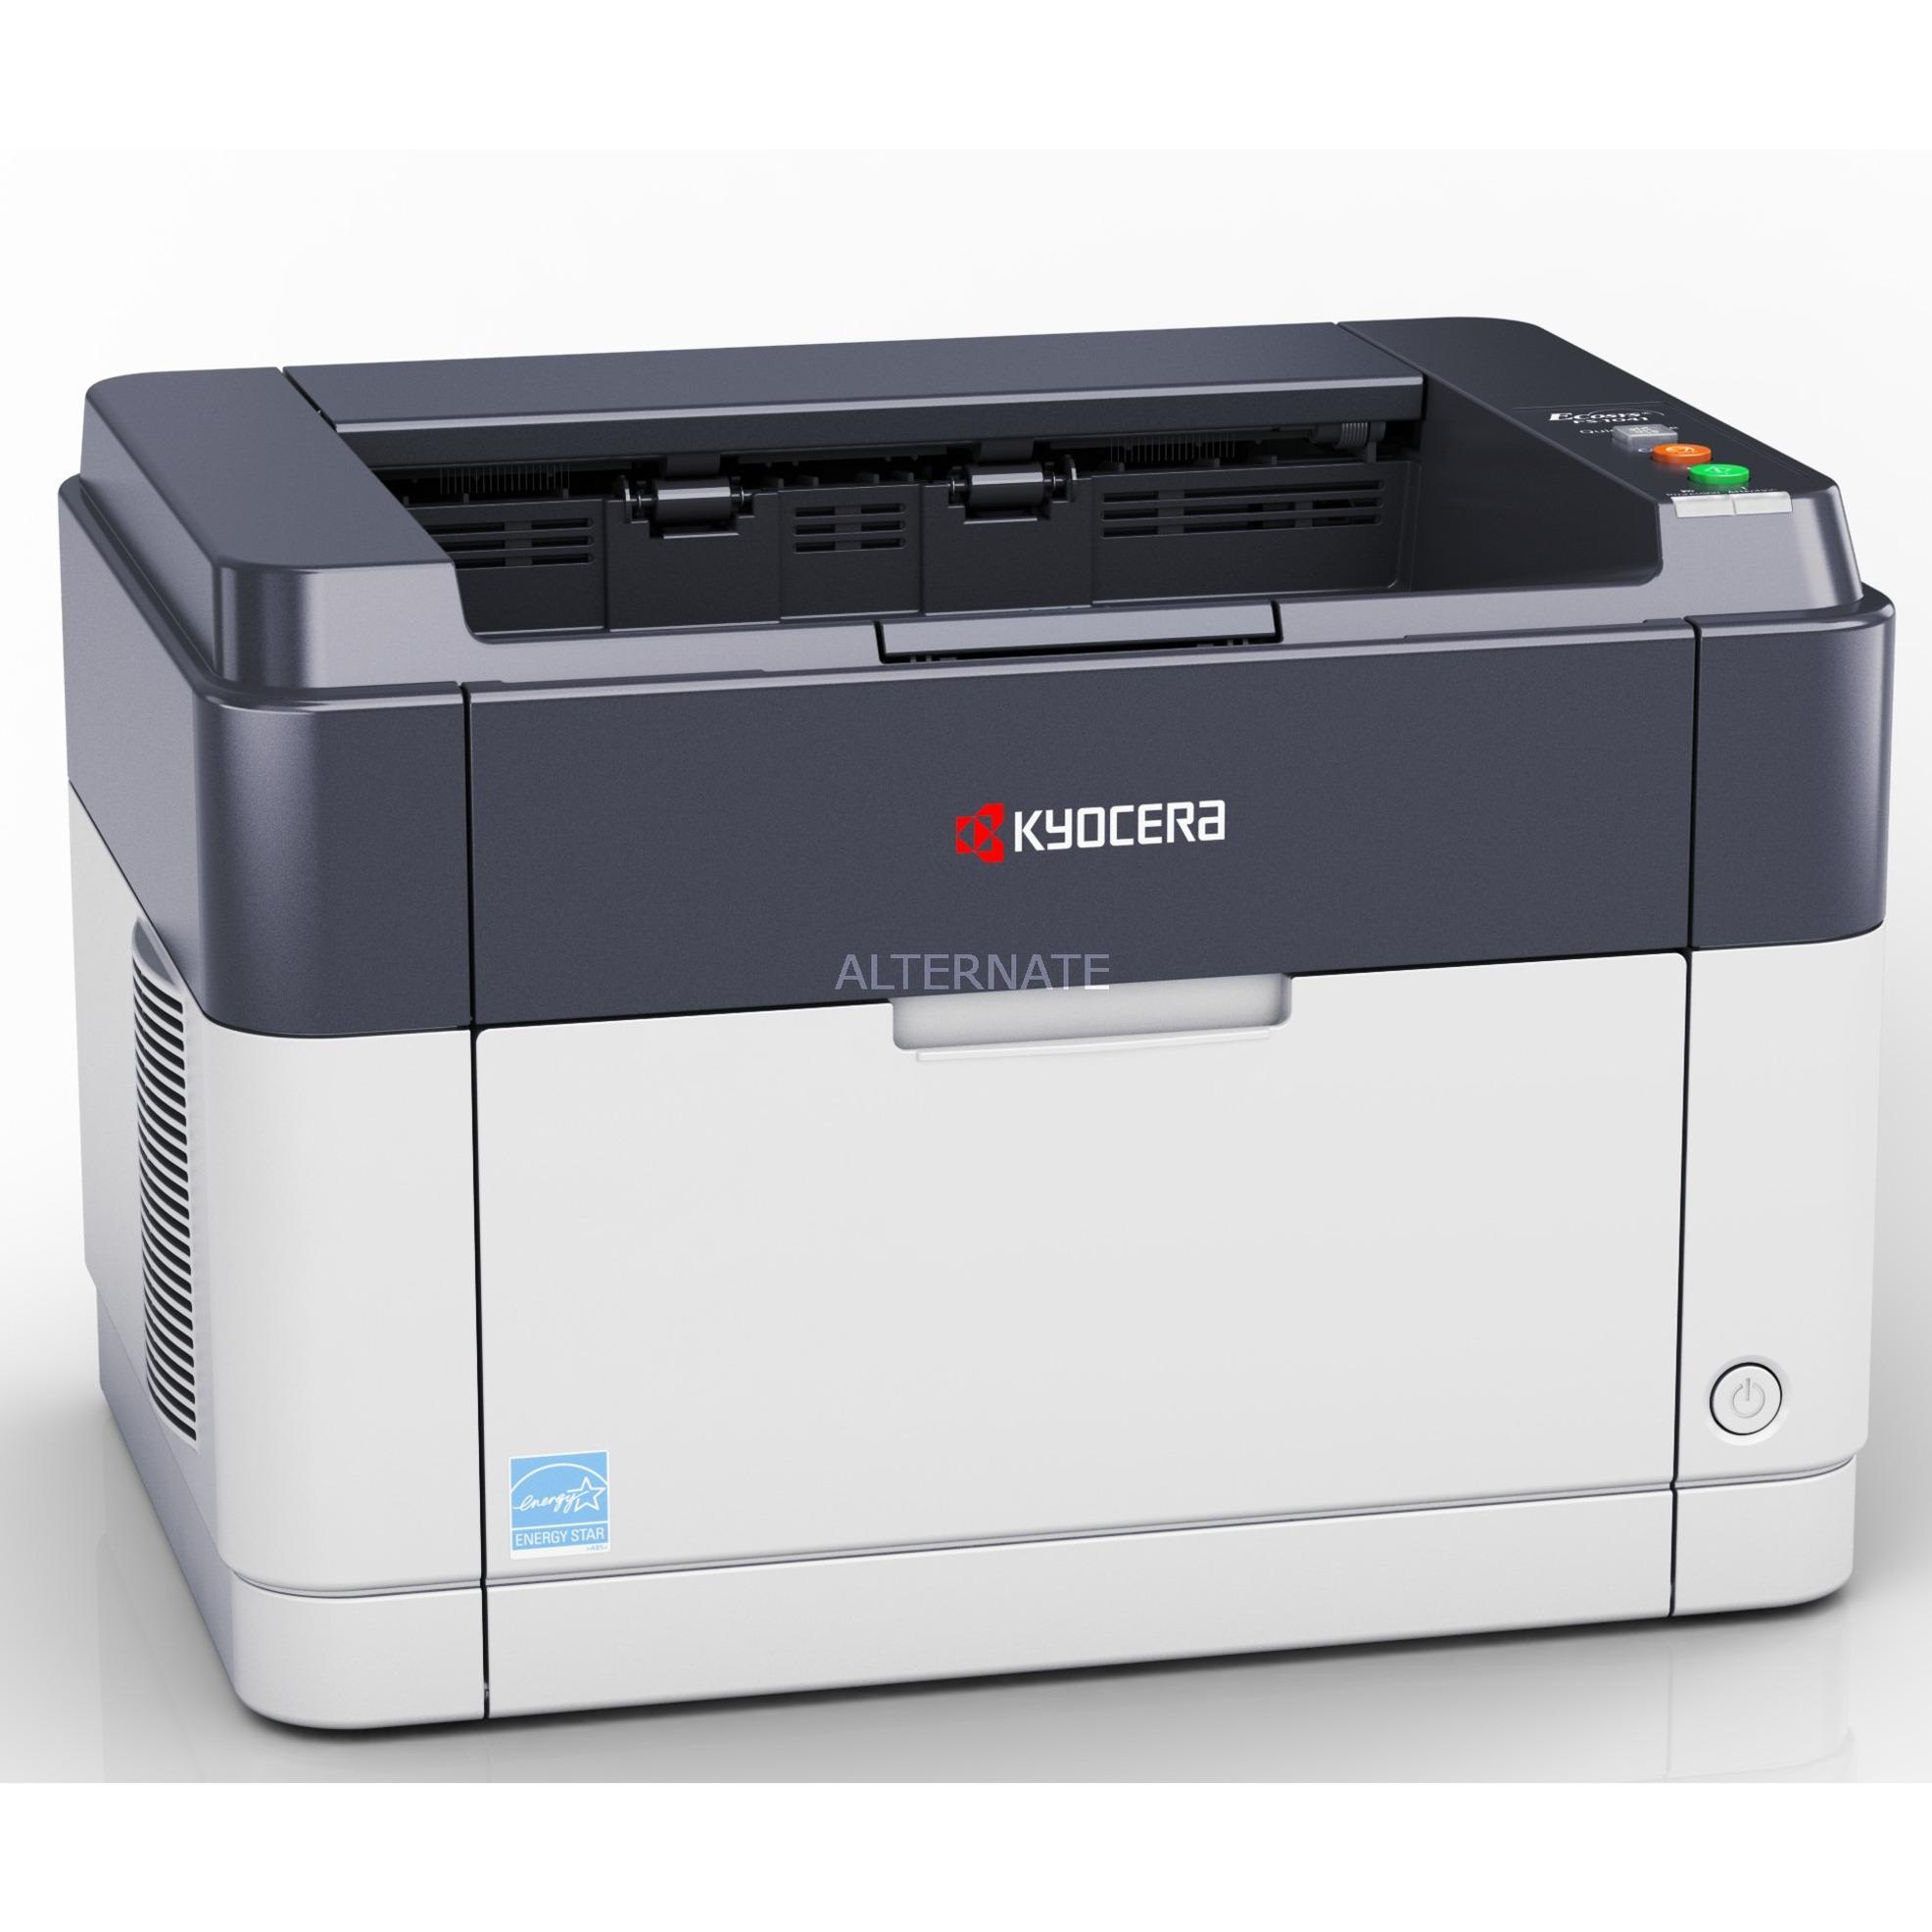 FS-1041 1800 x 600 DPI A4, Impresora láser